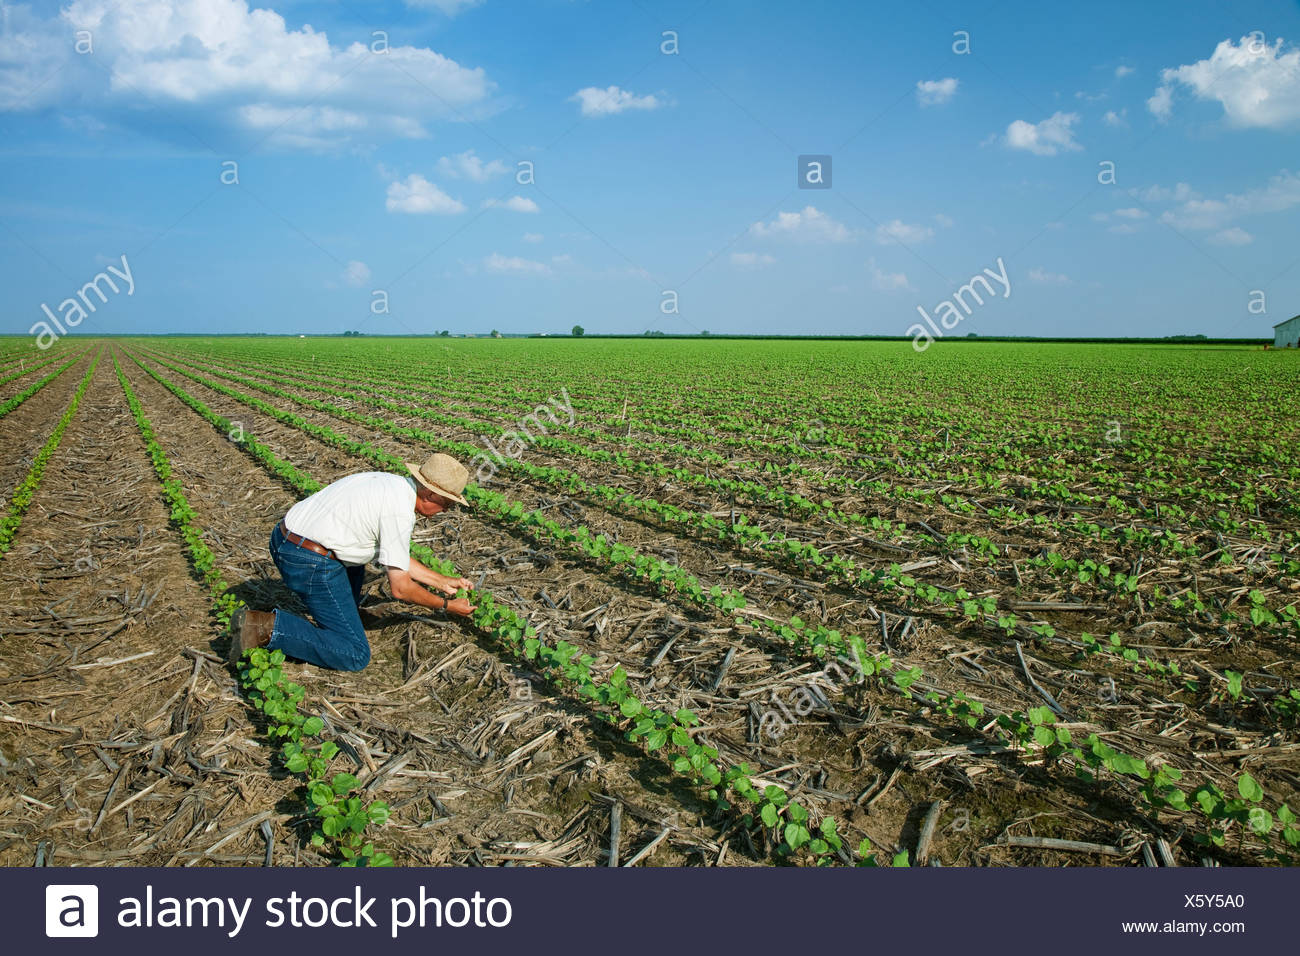 Un consulente di raccolto ispeziona un early growth no-till il cotone raccolto a 3-4 vero stadio fogliare ad inizio stagione gli insetti / Arkansas. Immagini Stock